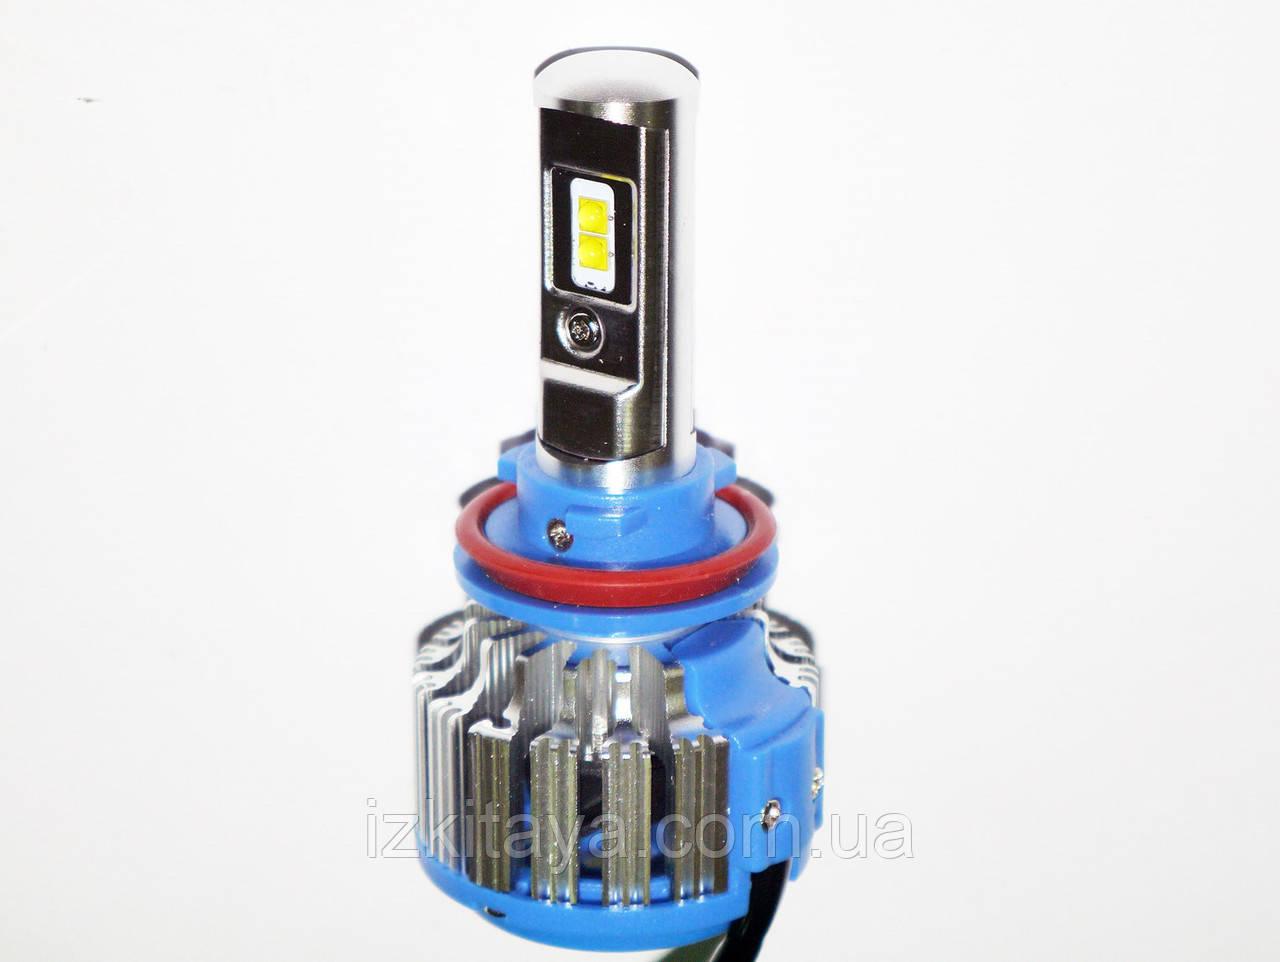 Ксенон світлодіодний для автомобільних фар з цоколем H8/Н11 Xenon Led 6000к 35W діодні лампи